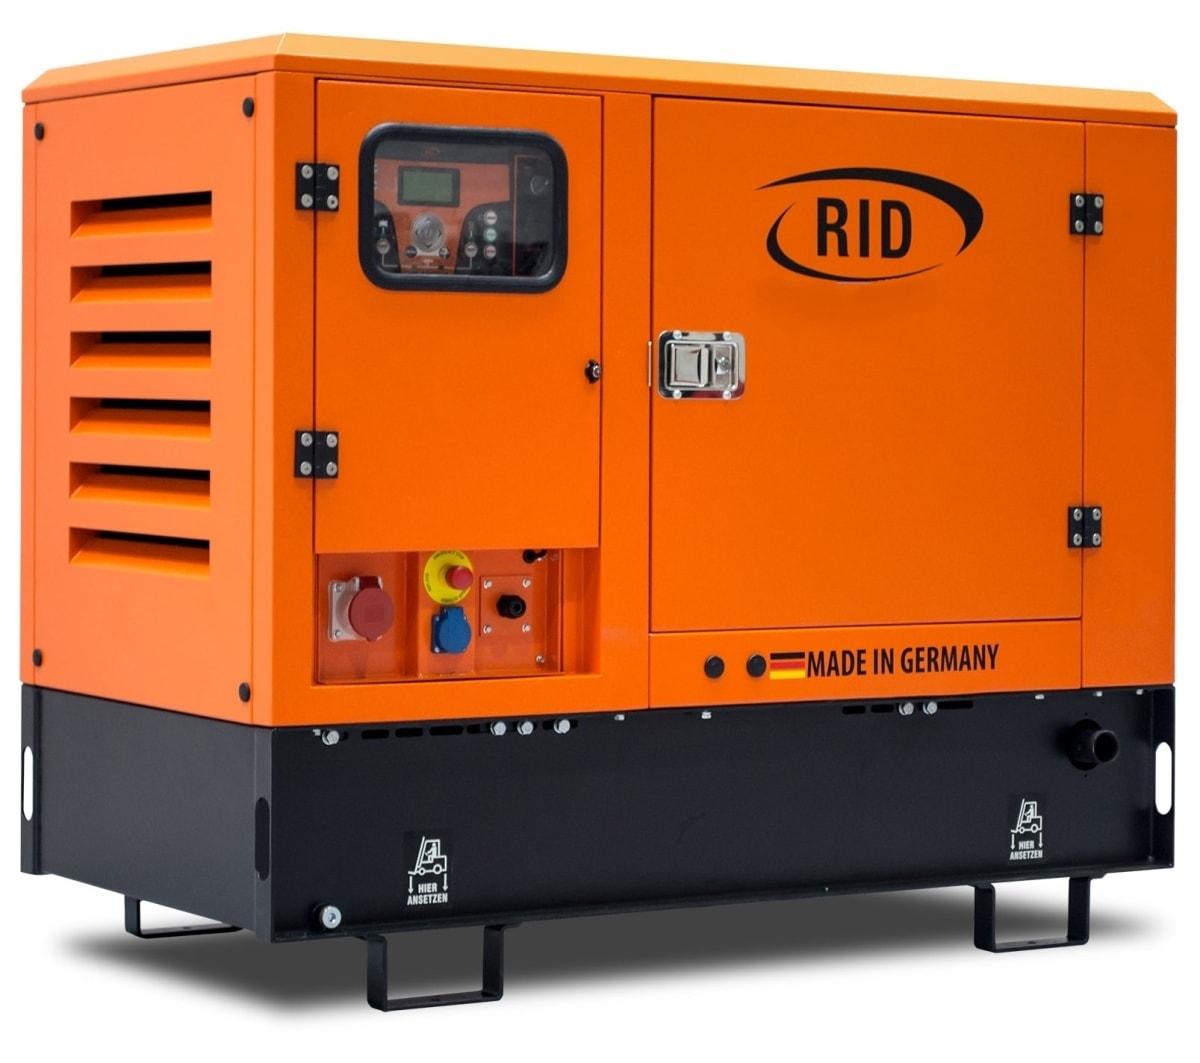 дизельная электростанция rid 8 e-series s